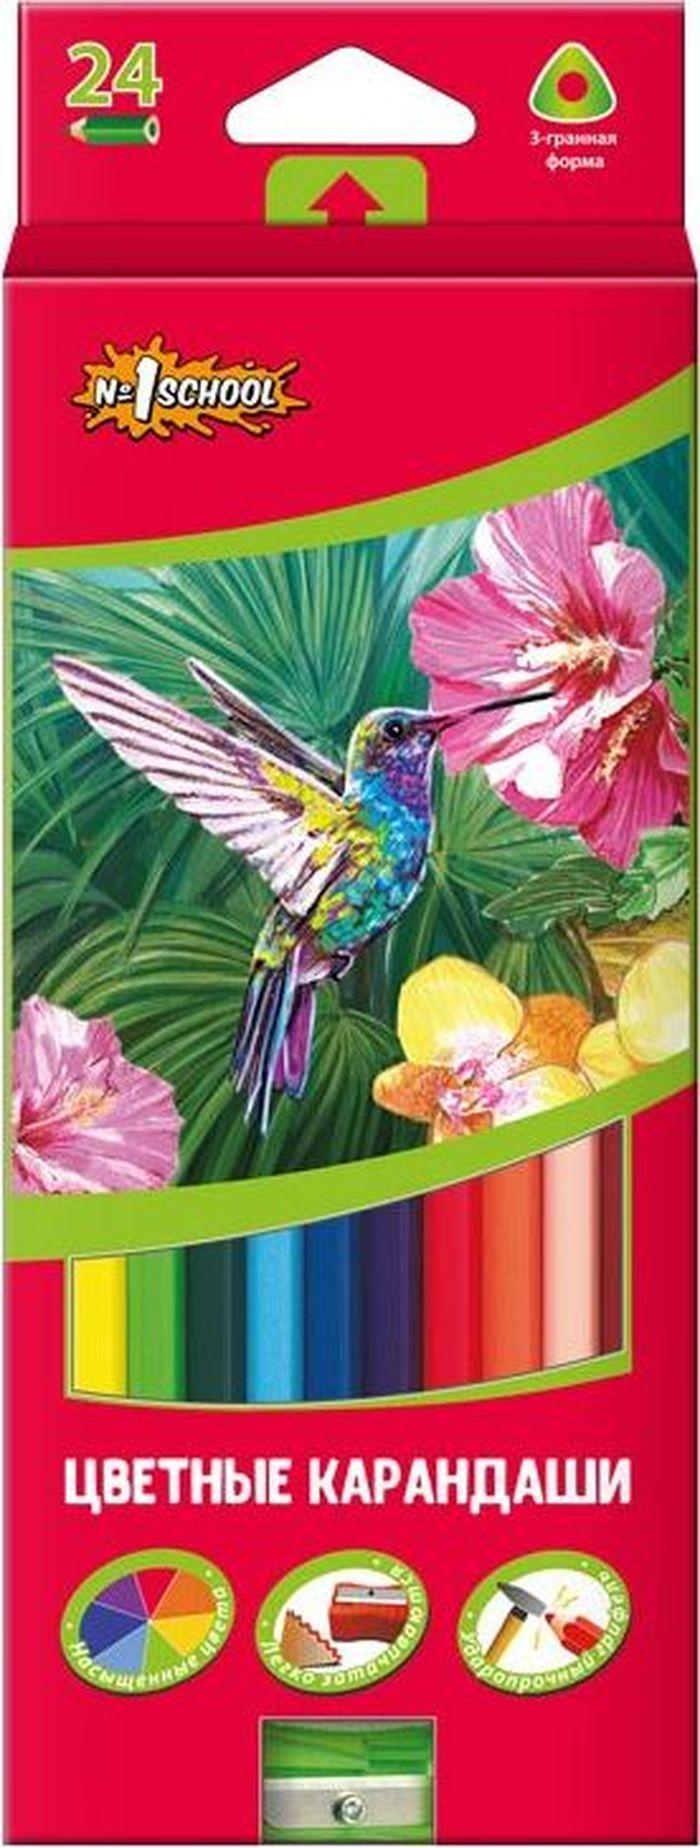 №1 School Набор цветных карандашей ColorPics с точилкой 24 шт 666836 -  Карандаши